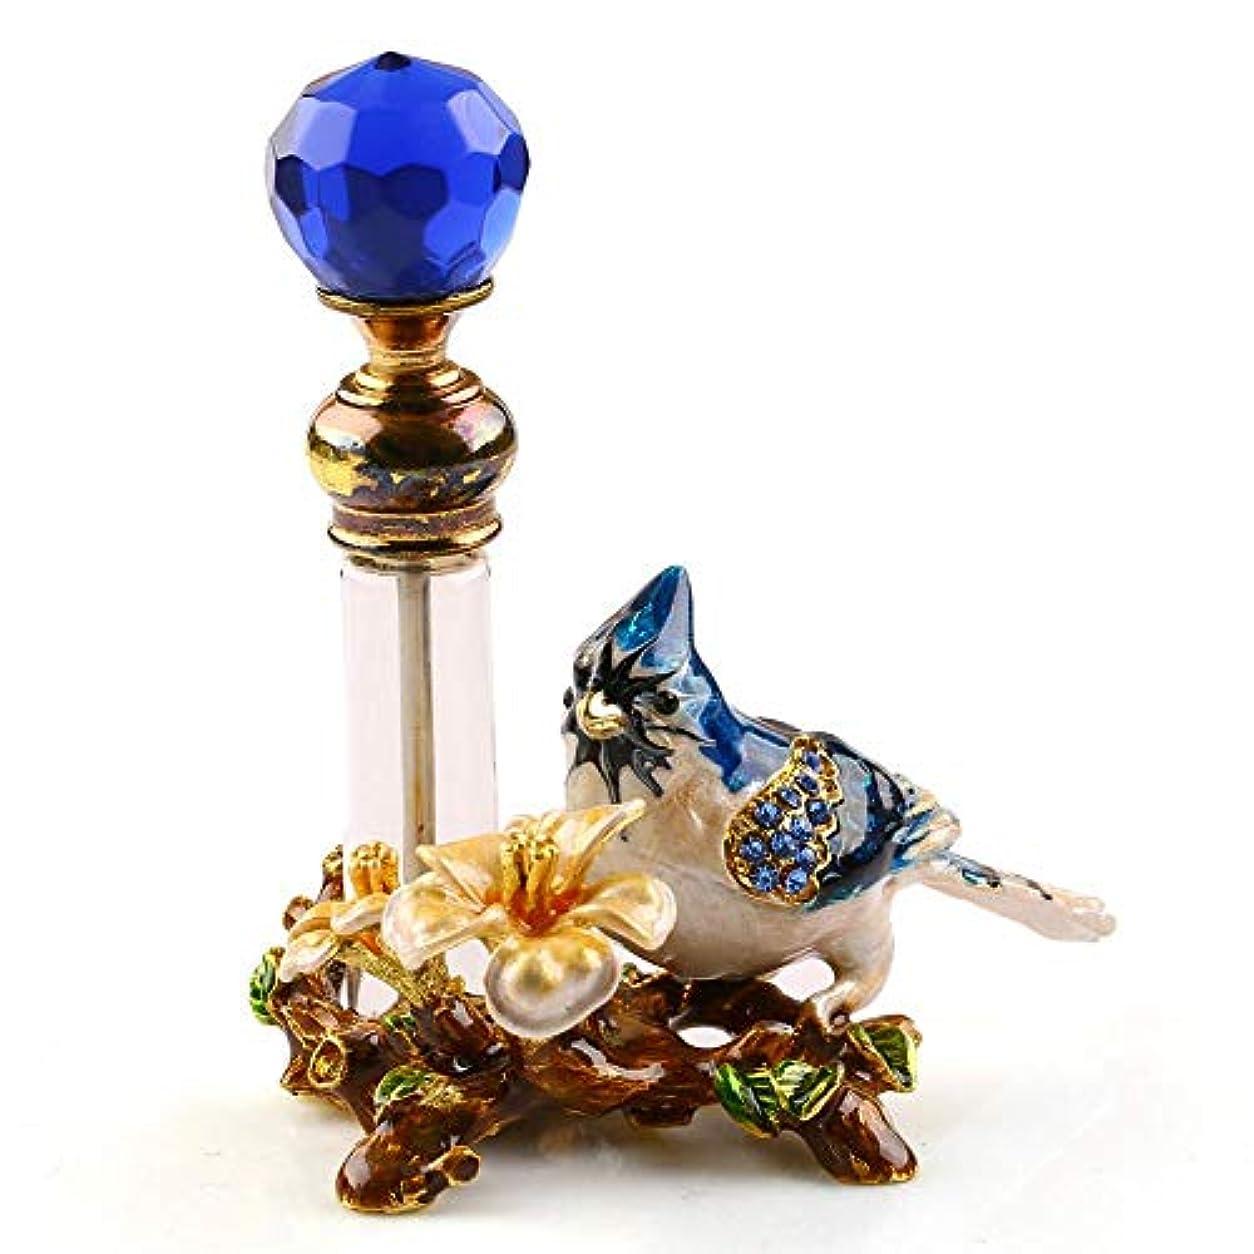 スロット彼女の包括的VERY100 高品質 美しい香水瓶 4ML アロマボトル 綺麗アンティーク風 鳥と花 詰替用ボトル 空き プレゼント 結婚式 飾り